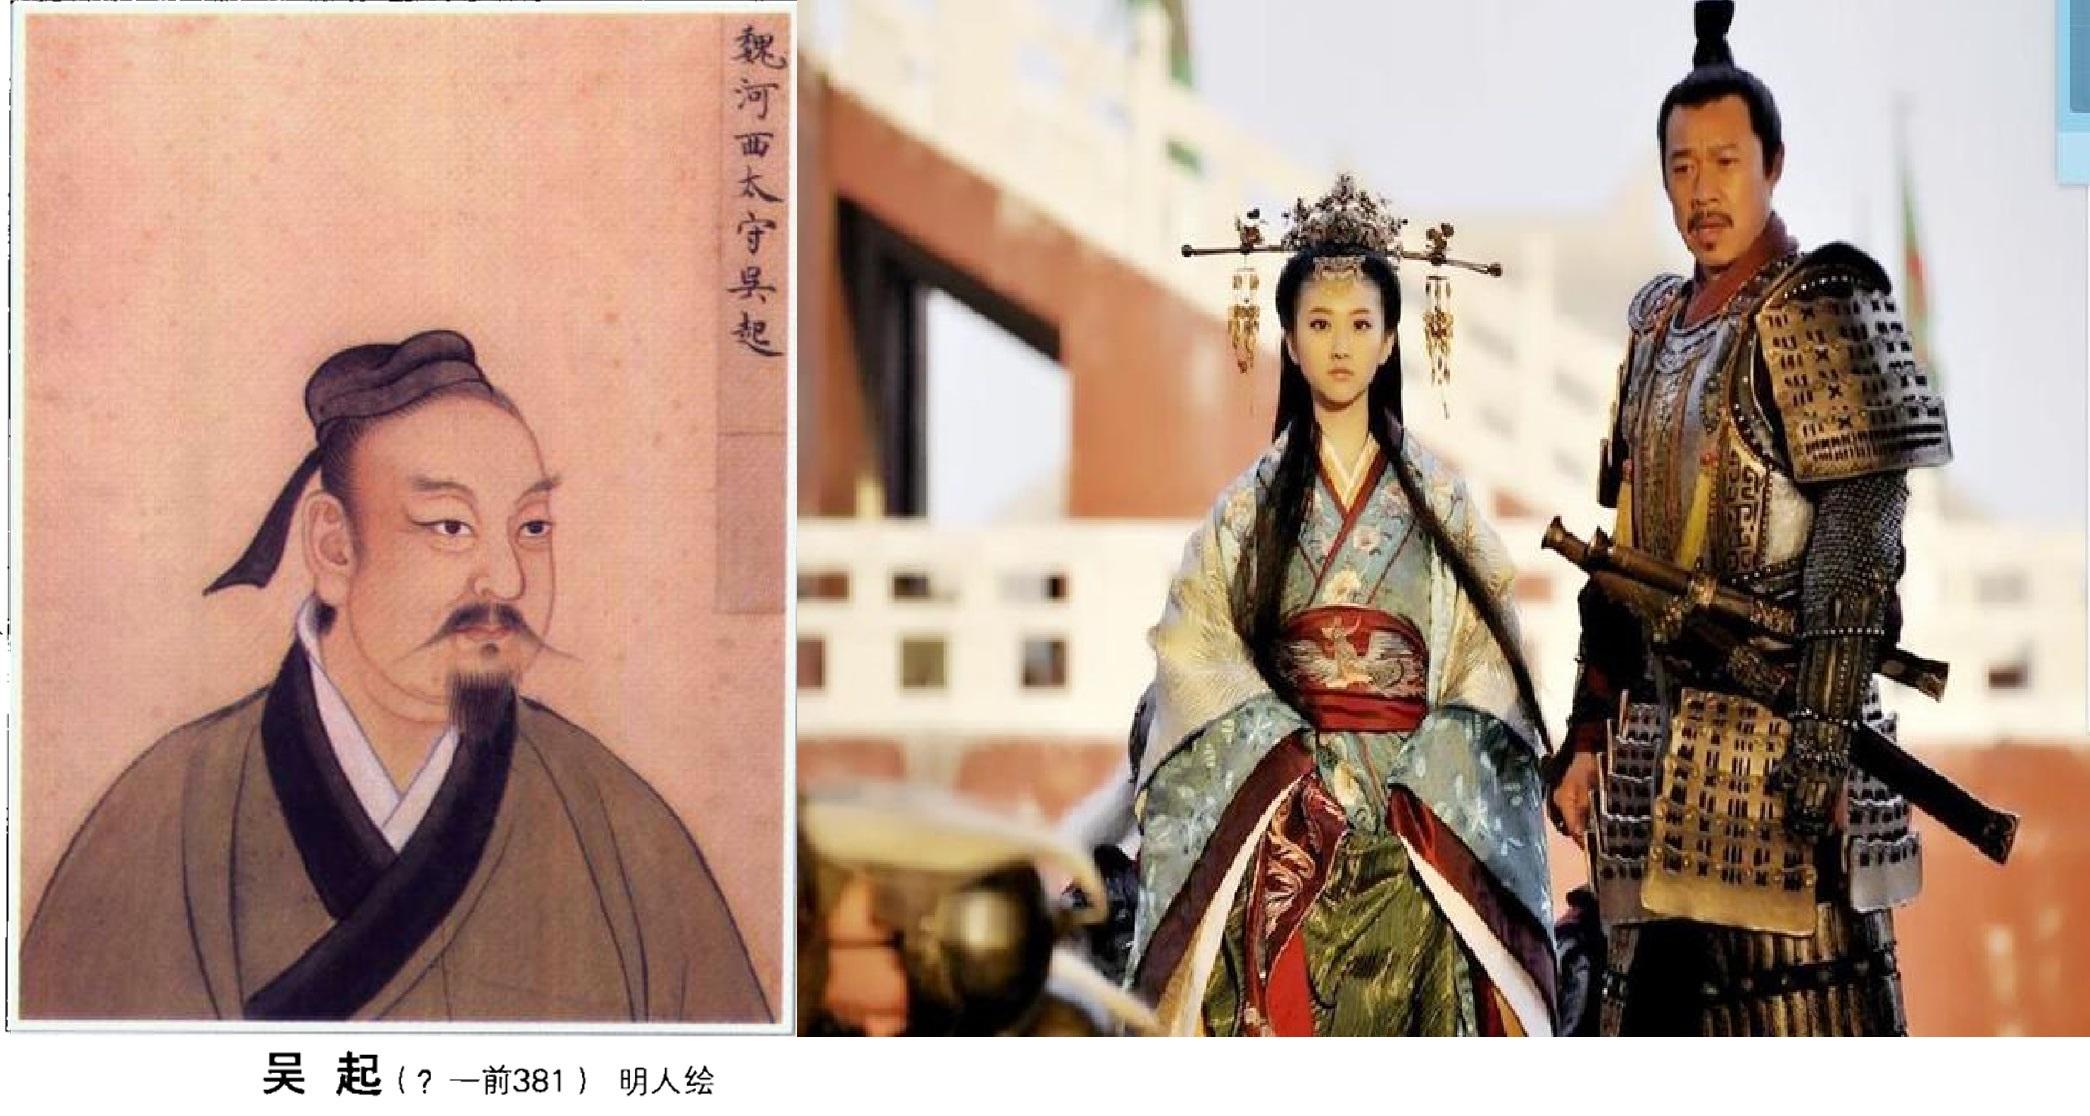 Ngô Khởi thường được ví với Tôn Tử, sách dụng binh của ông cùng Binh pháp Tôn Tử hợp thành Tôn Ngô Binh Pháp.